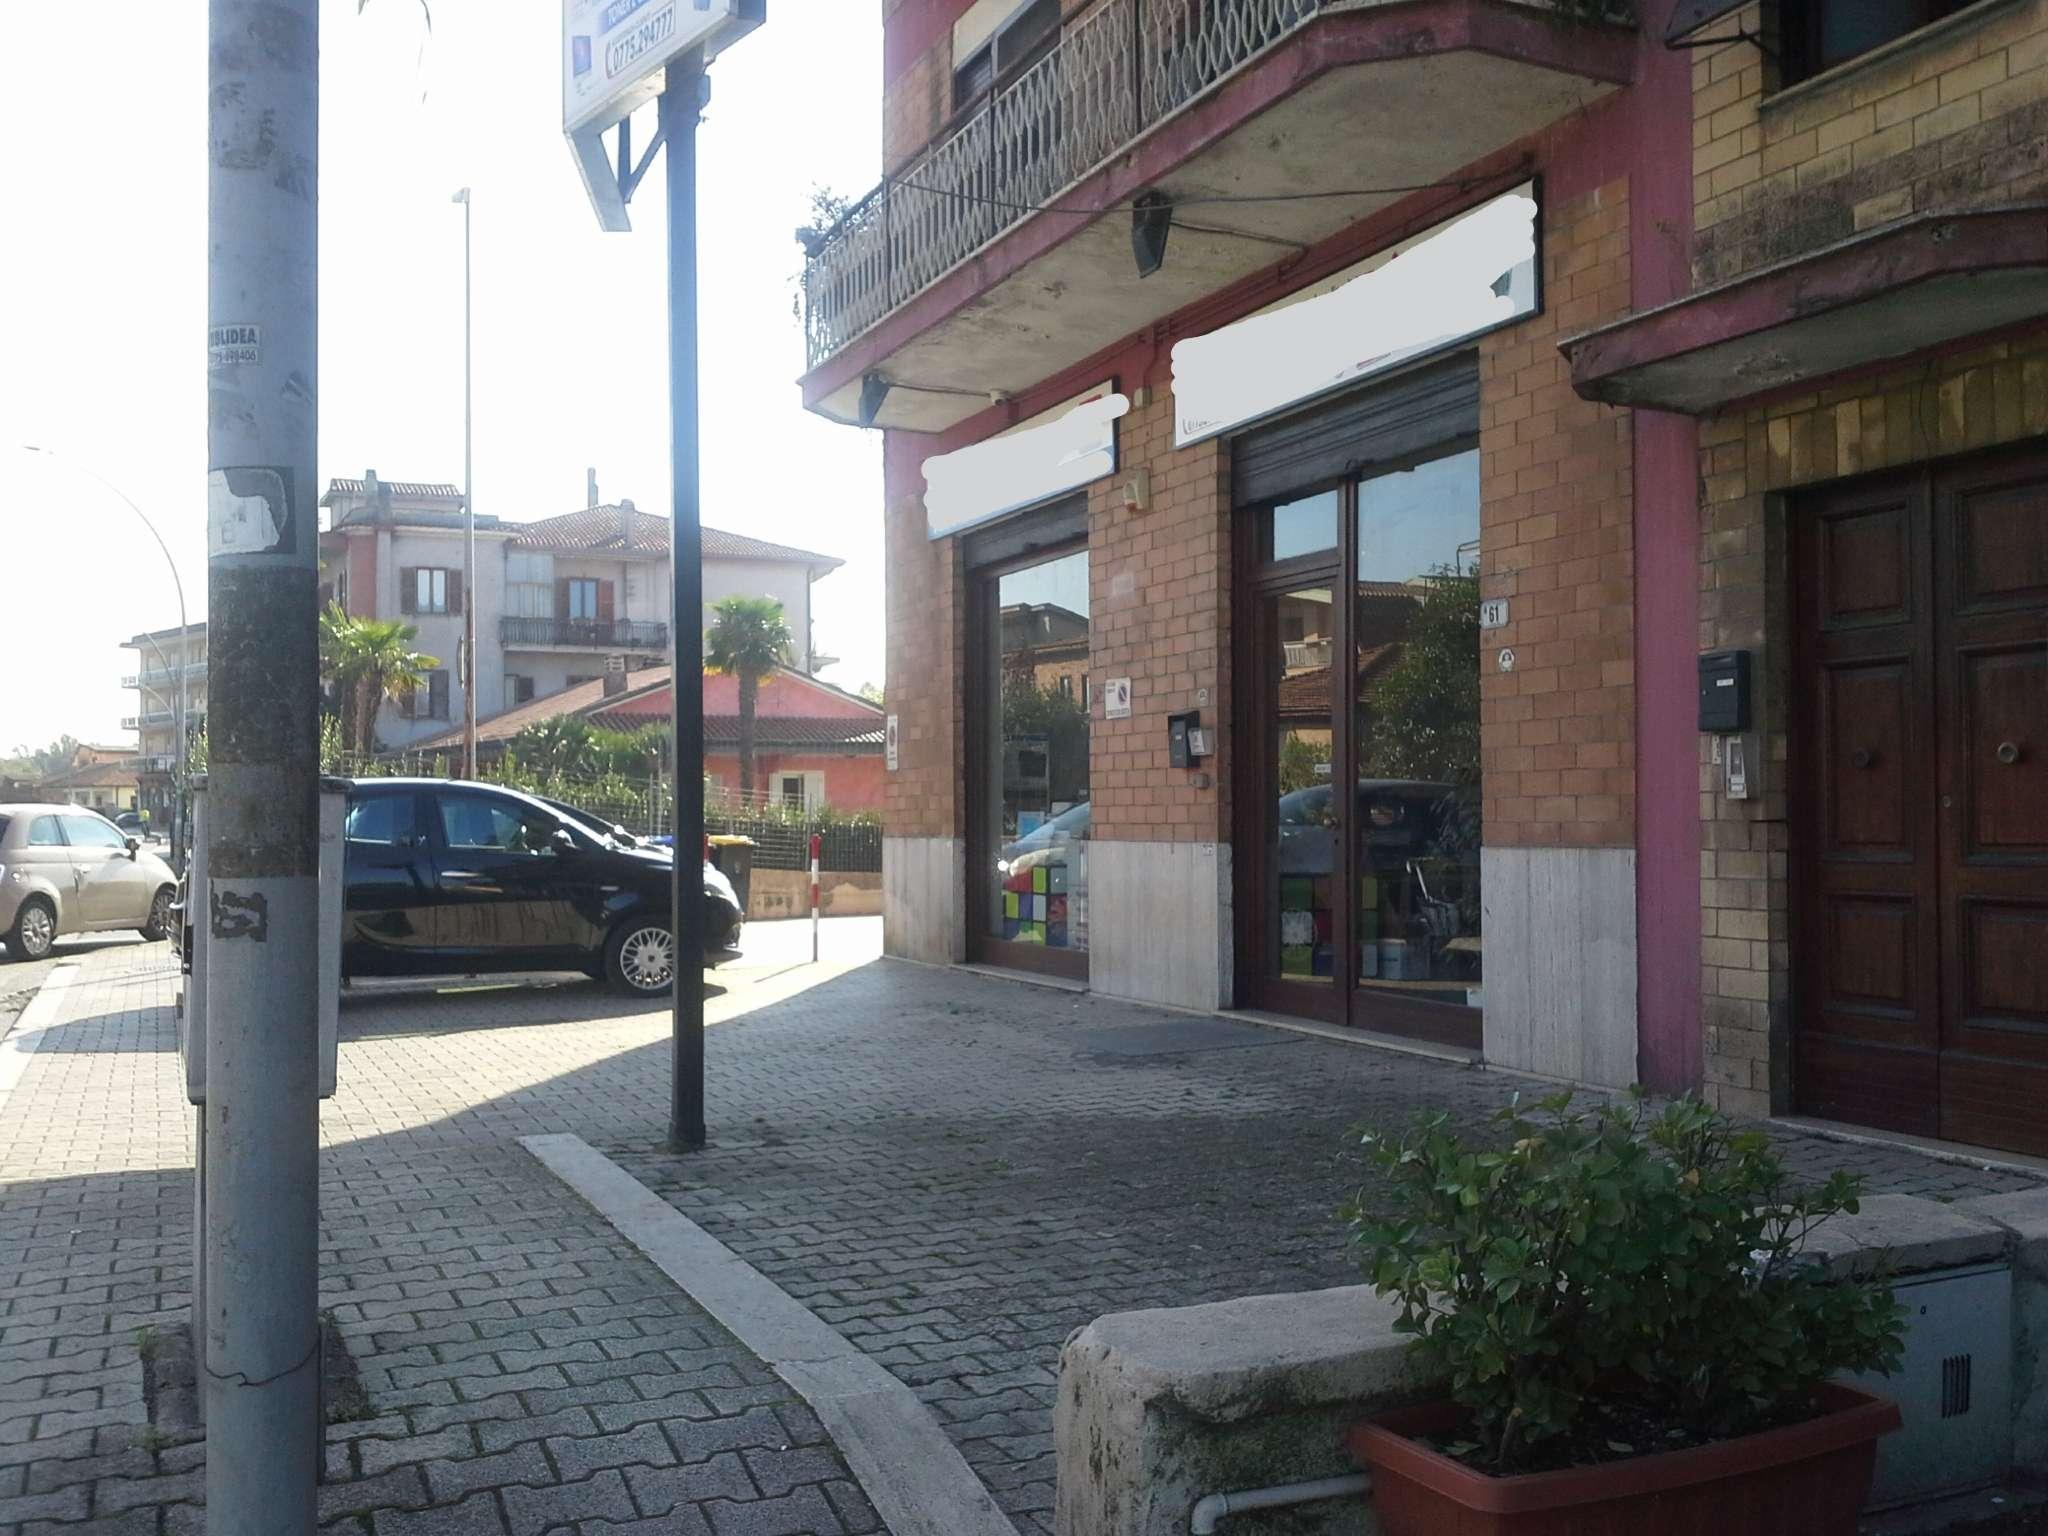 Negozio / Locale in vendita a Frosinone, 1 locali, prezzo € 195.000 | CambioCasa.it